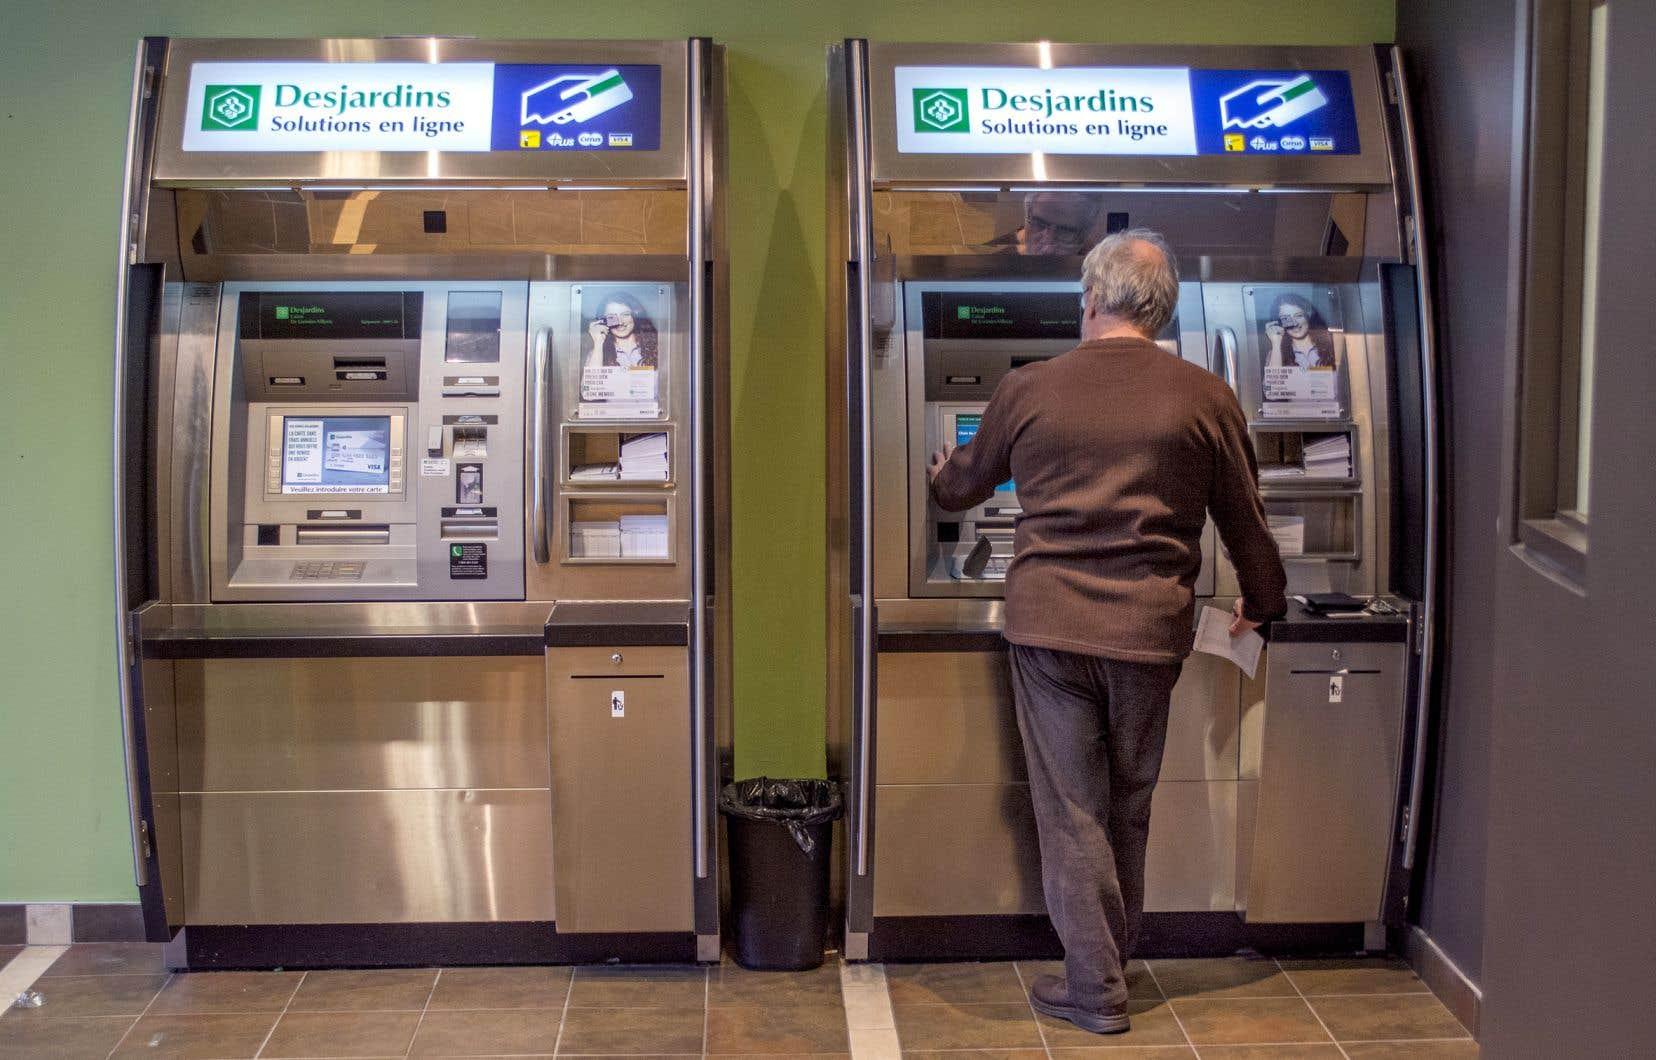 De 2012 à 2017, près de 500 guichets automatiques Desjardins ont été débranchés, déplore l'auteur.